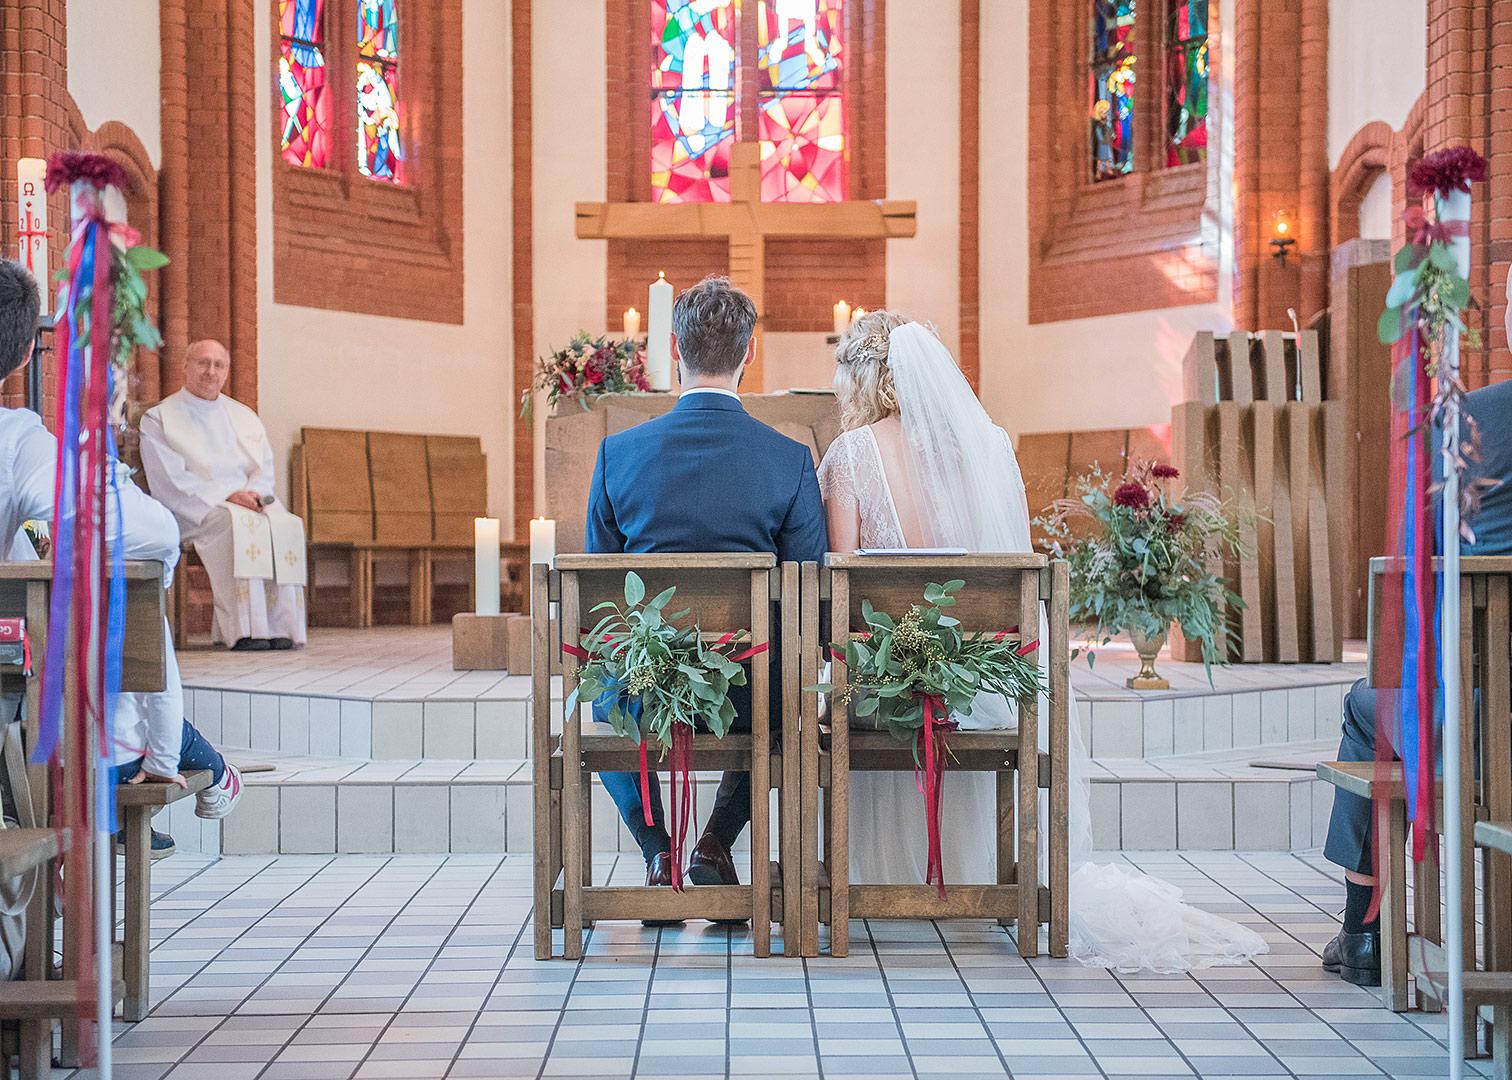 herbst hochzeit berlin, kirchliche trauung, kirche köpenick, heiraten in der kirche, hochzeit berlin, hochzeitsfotos berlin, hochzeitsfotograf, heiraten in berlin, heiraten in köpenick